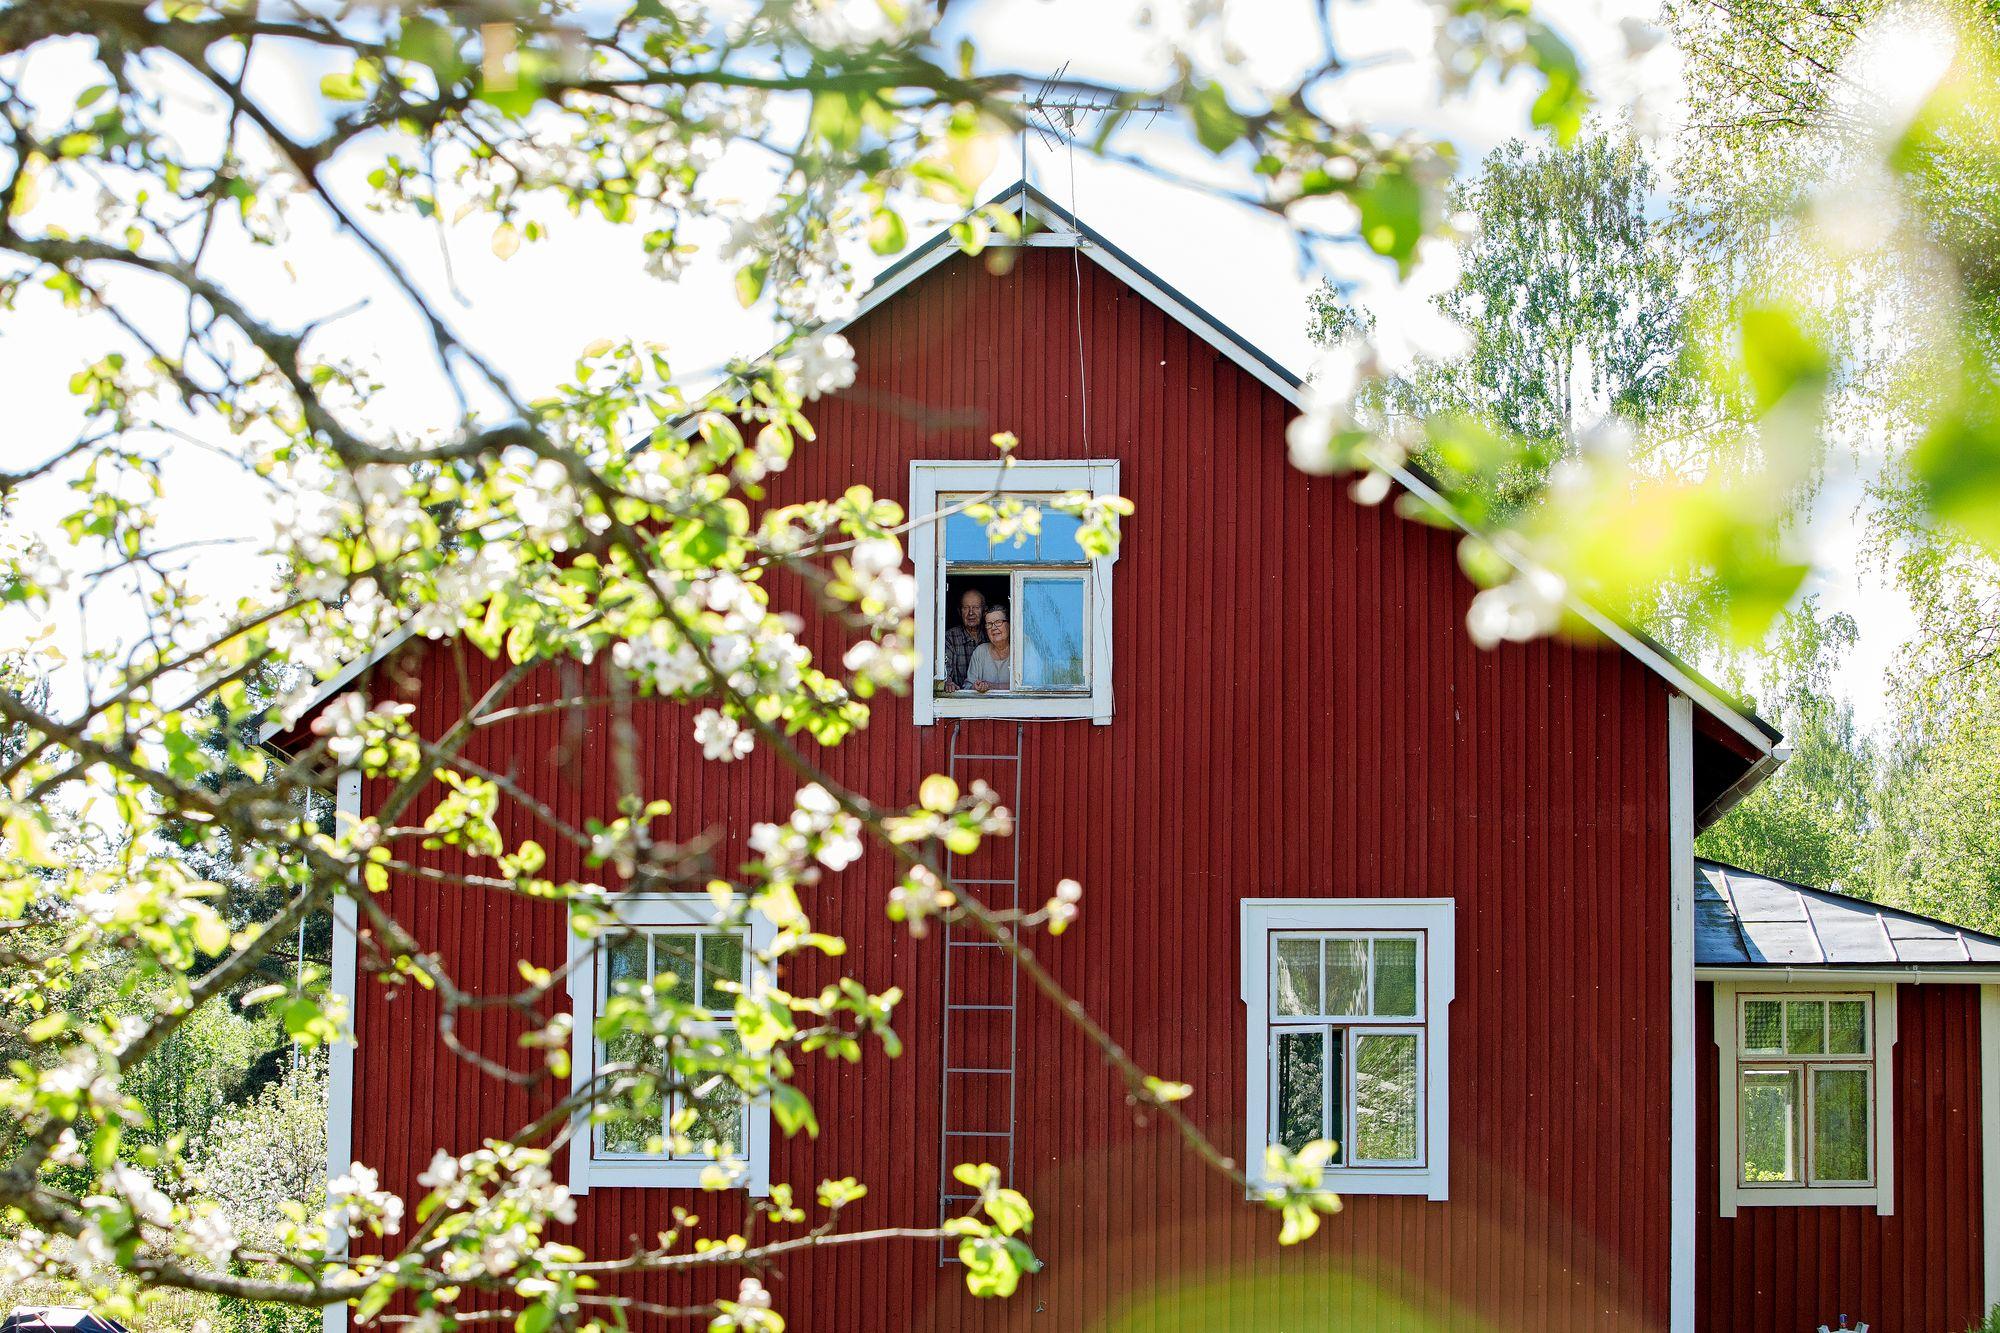 Niilo ja Ulla-Maija Frilanderin talo Säynätsalon Haikassa on alkuperäinen, 1920-luvun lopulla rakennettu työläiskoti. © Hanna-Kaisa Hämäläinen